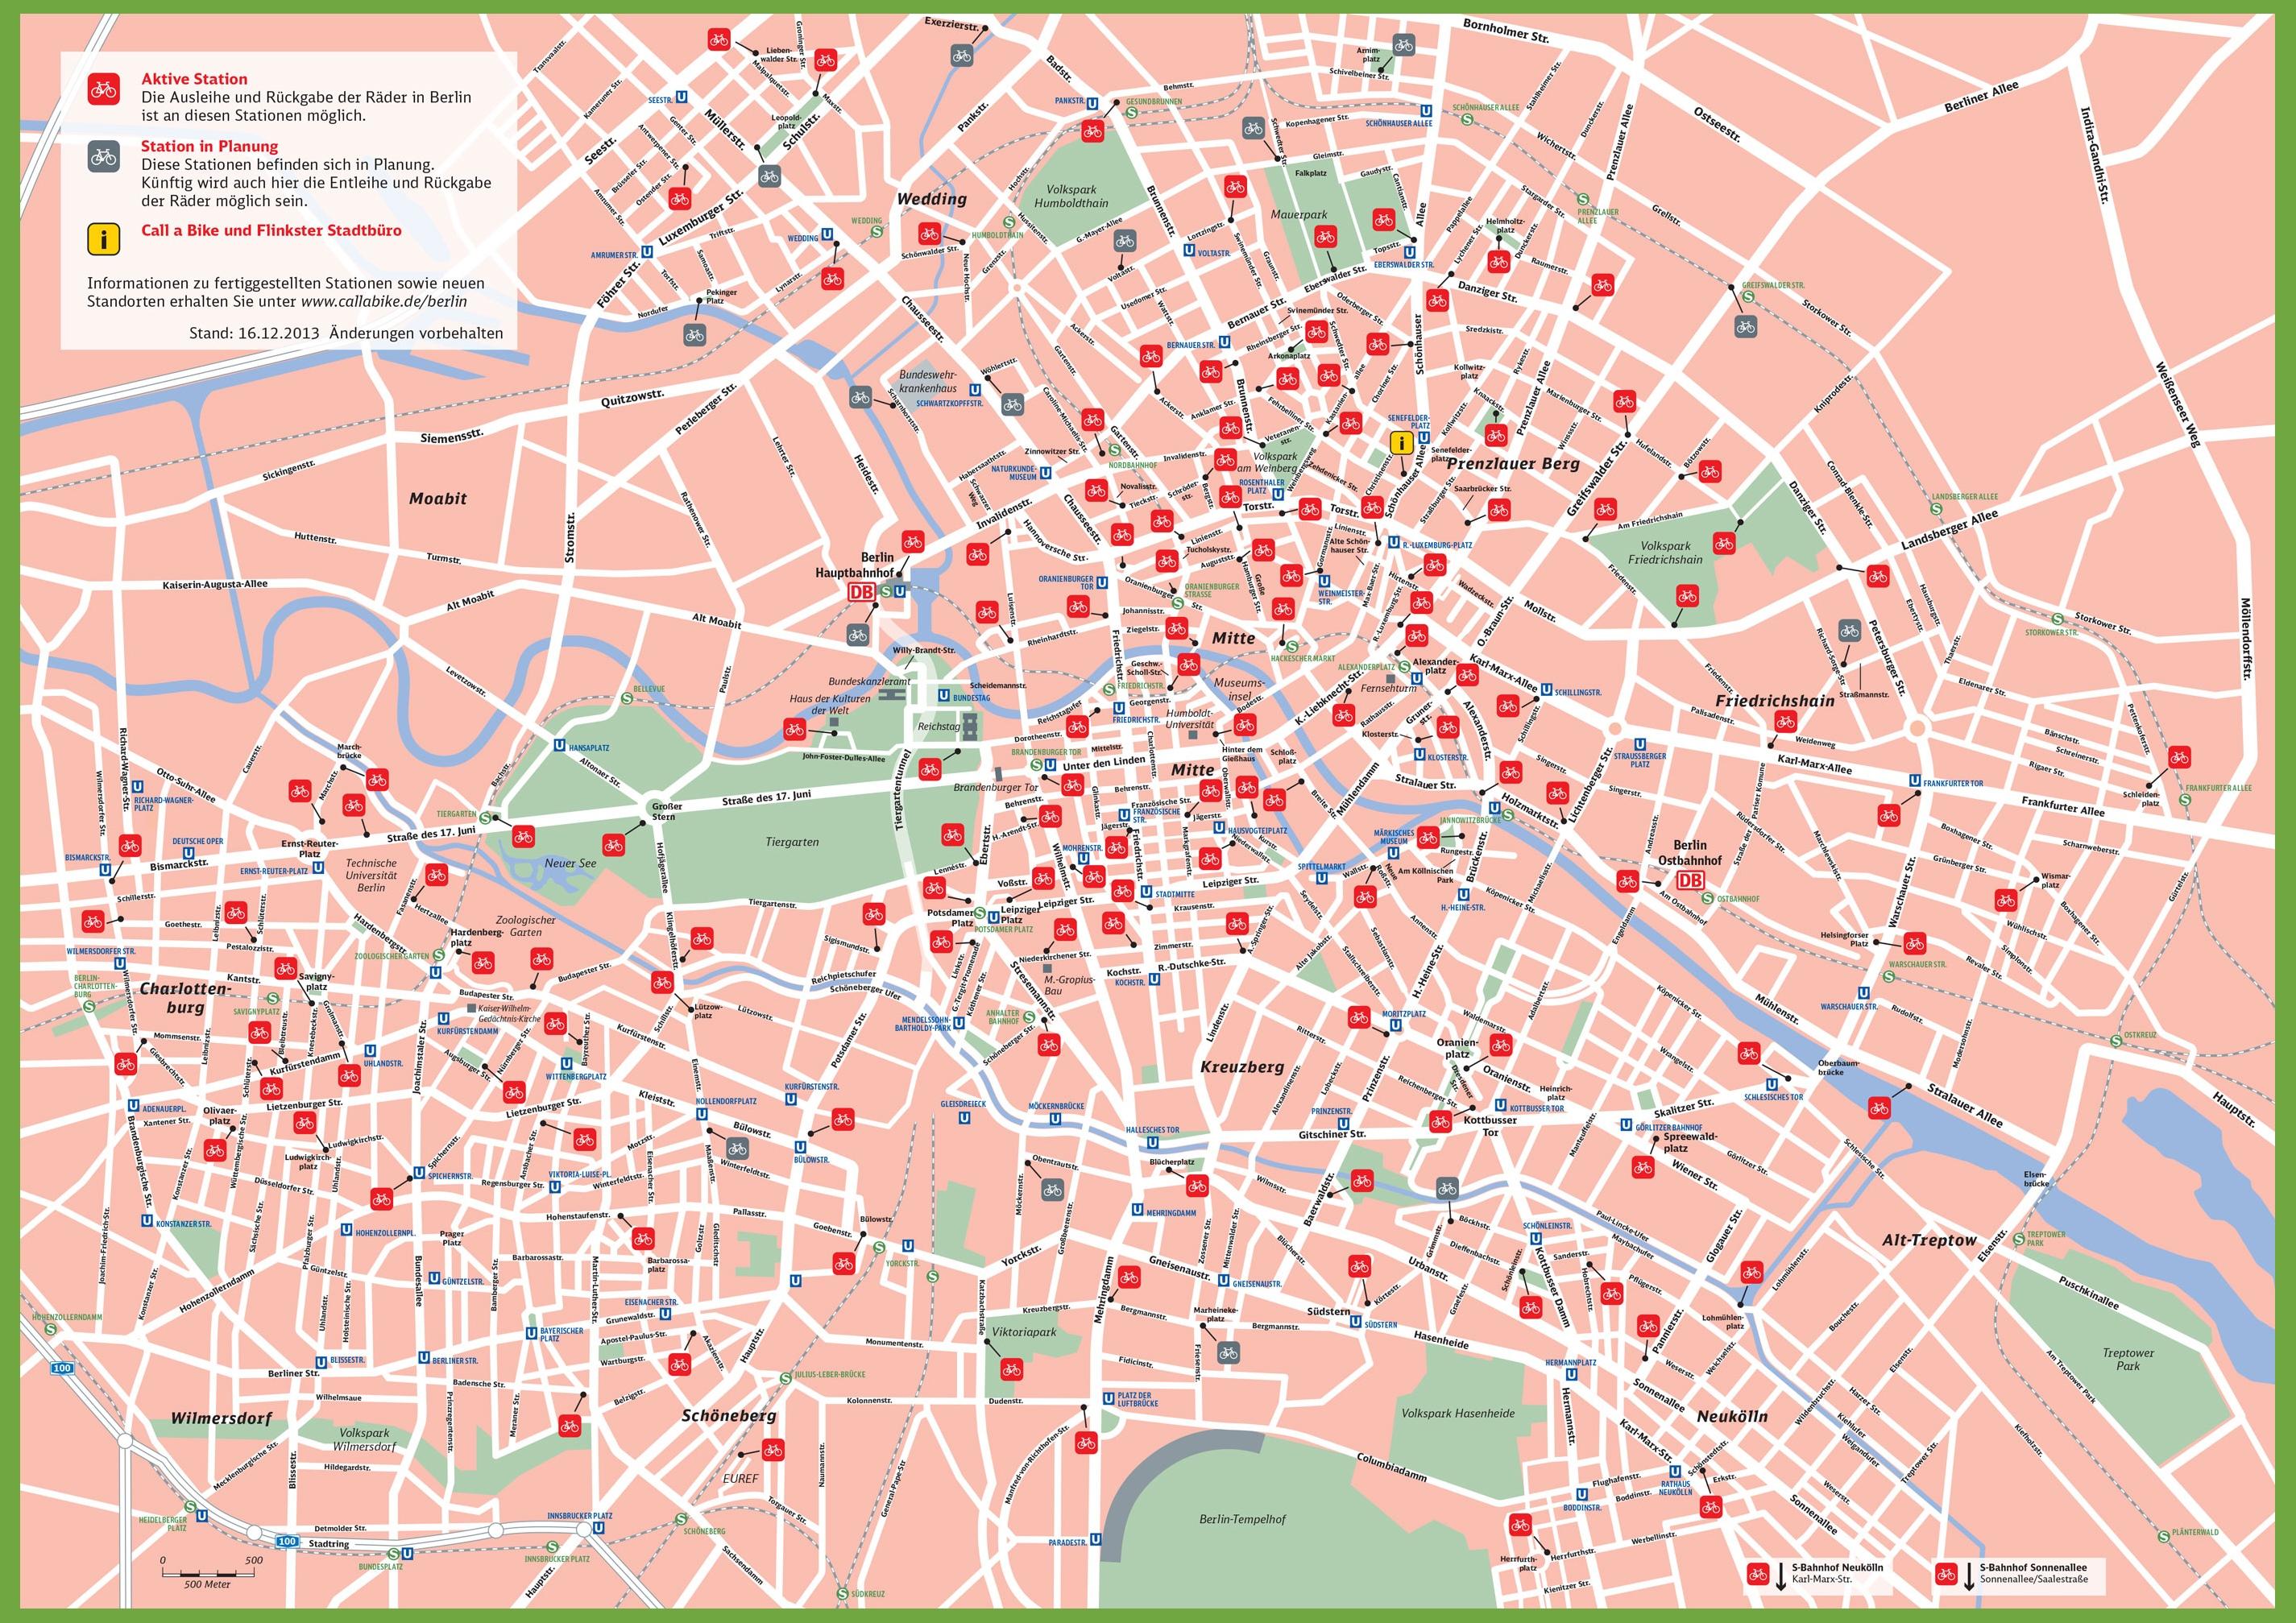 Berlin rental bike map